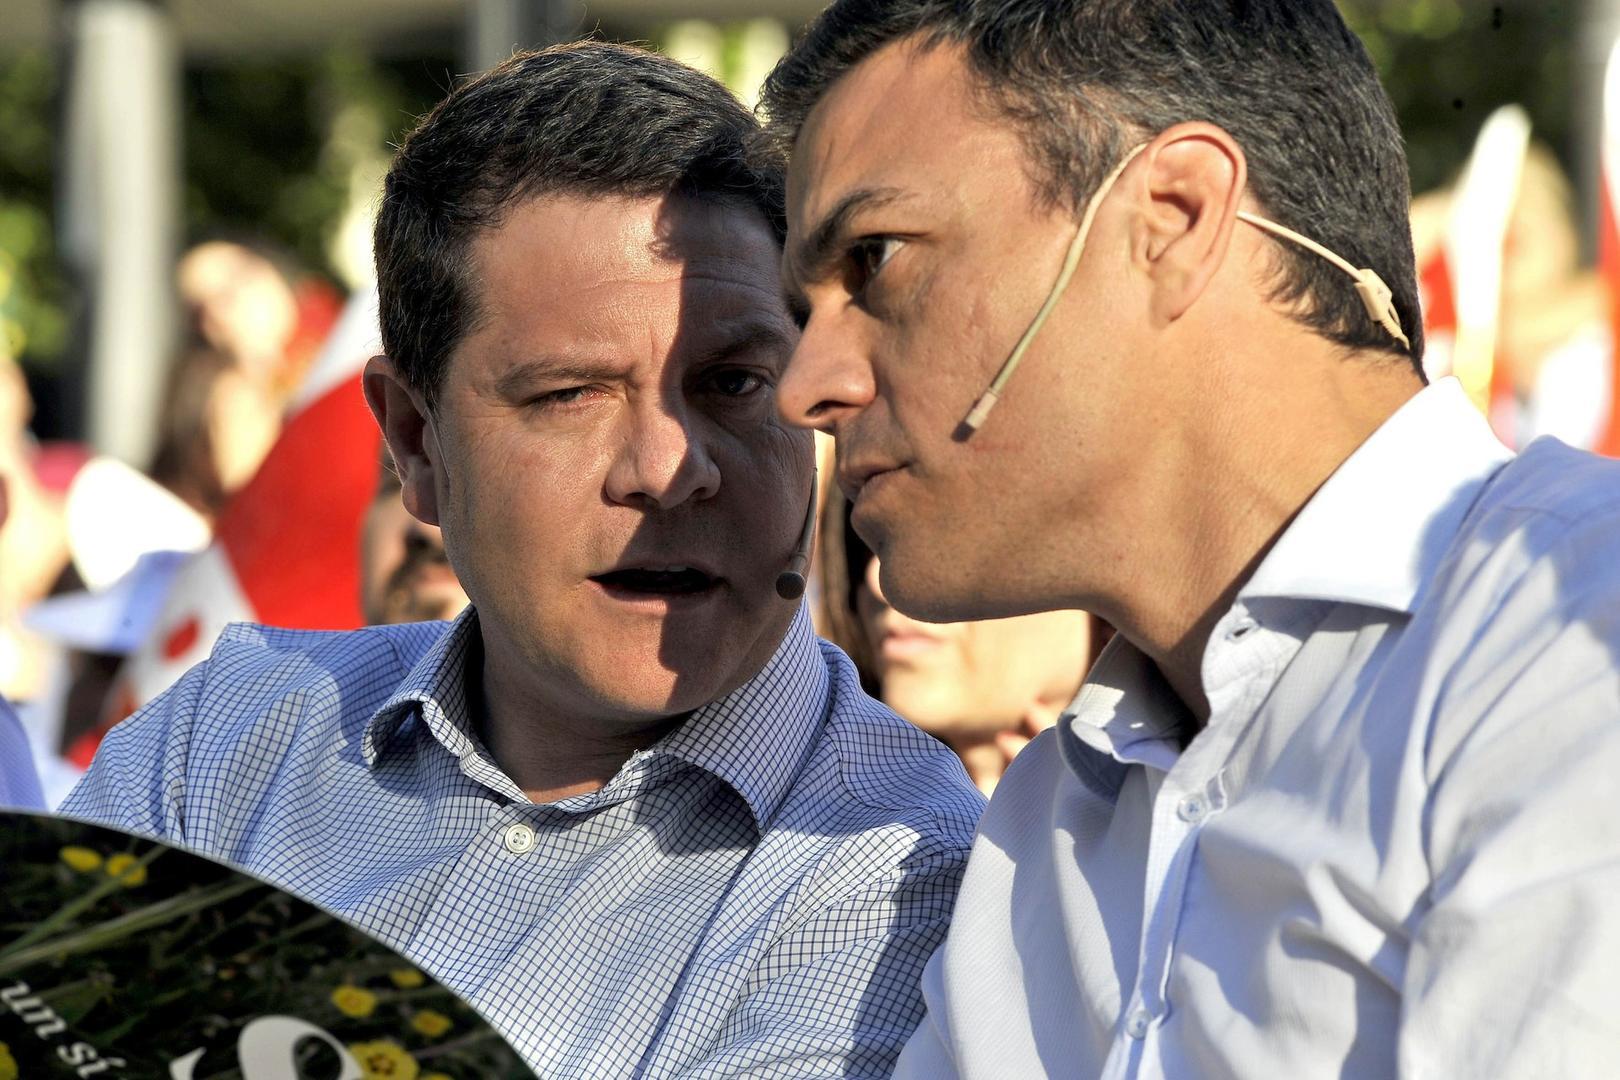 El mensaje cosmético de García-Page en Twitter: critica de soslayo a Sánchez, pero sin poner en peligro su bicoca institucional